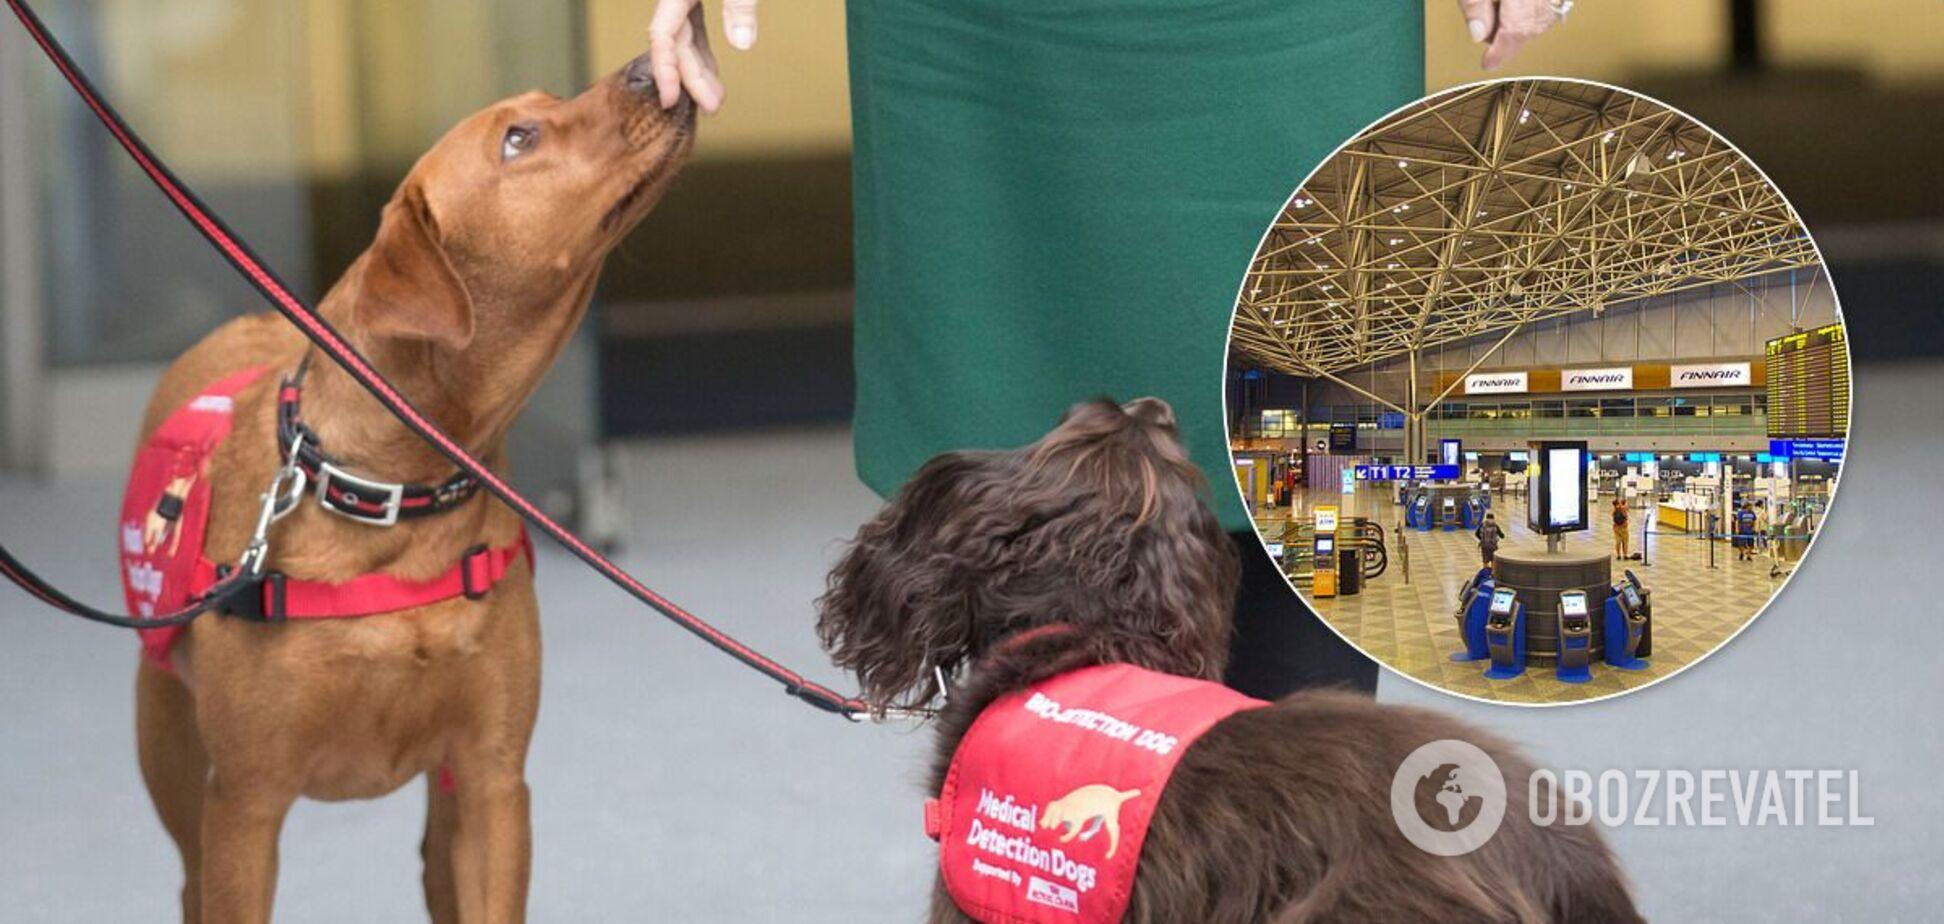 В аэропорту Хельсинки собаки будут определять зараженных COVID-19